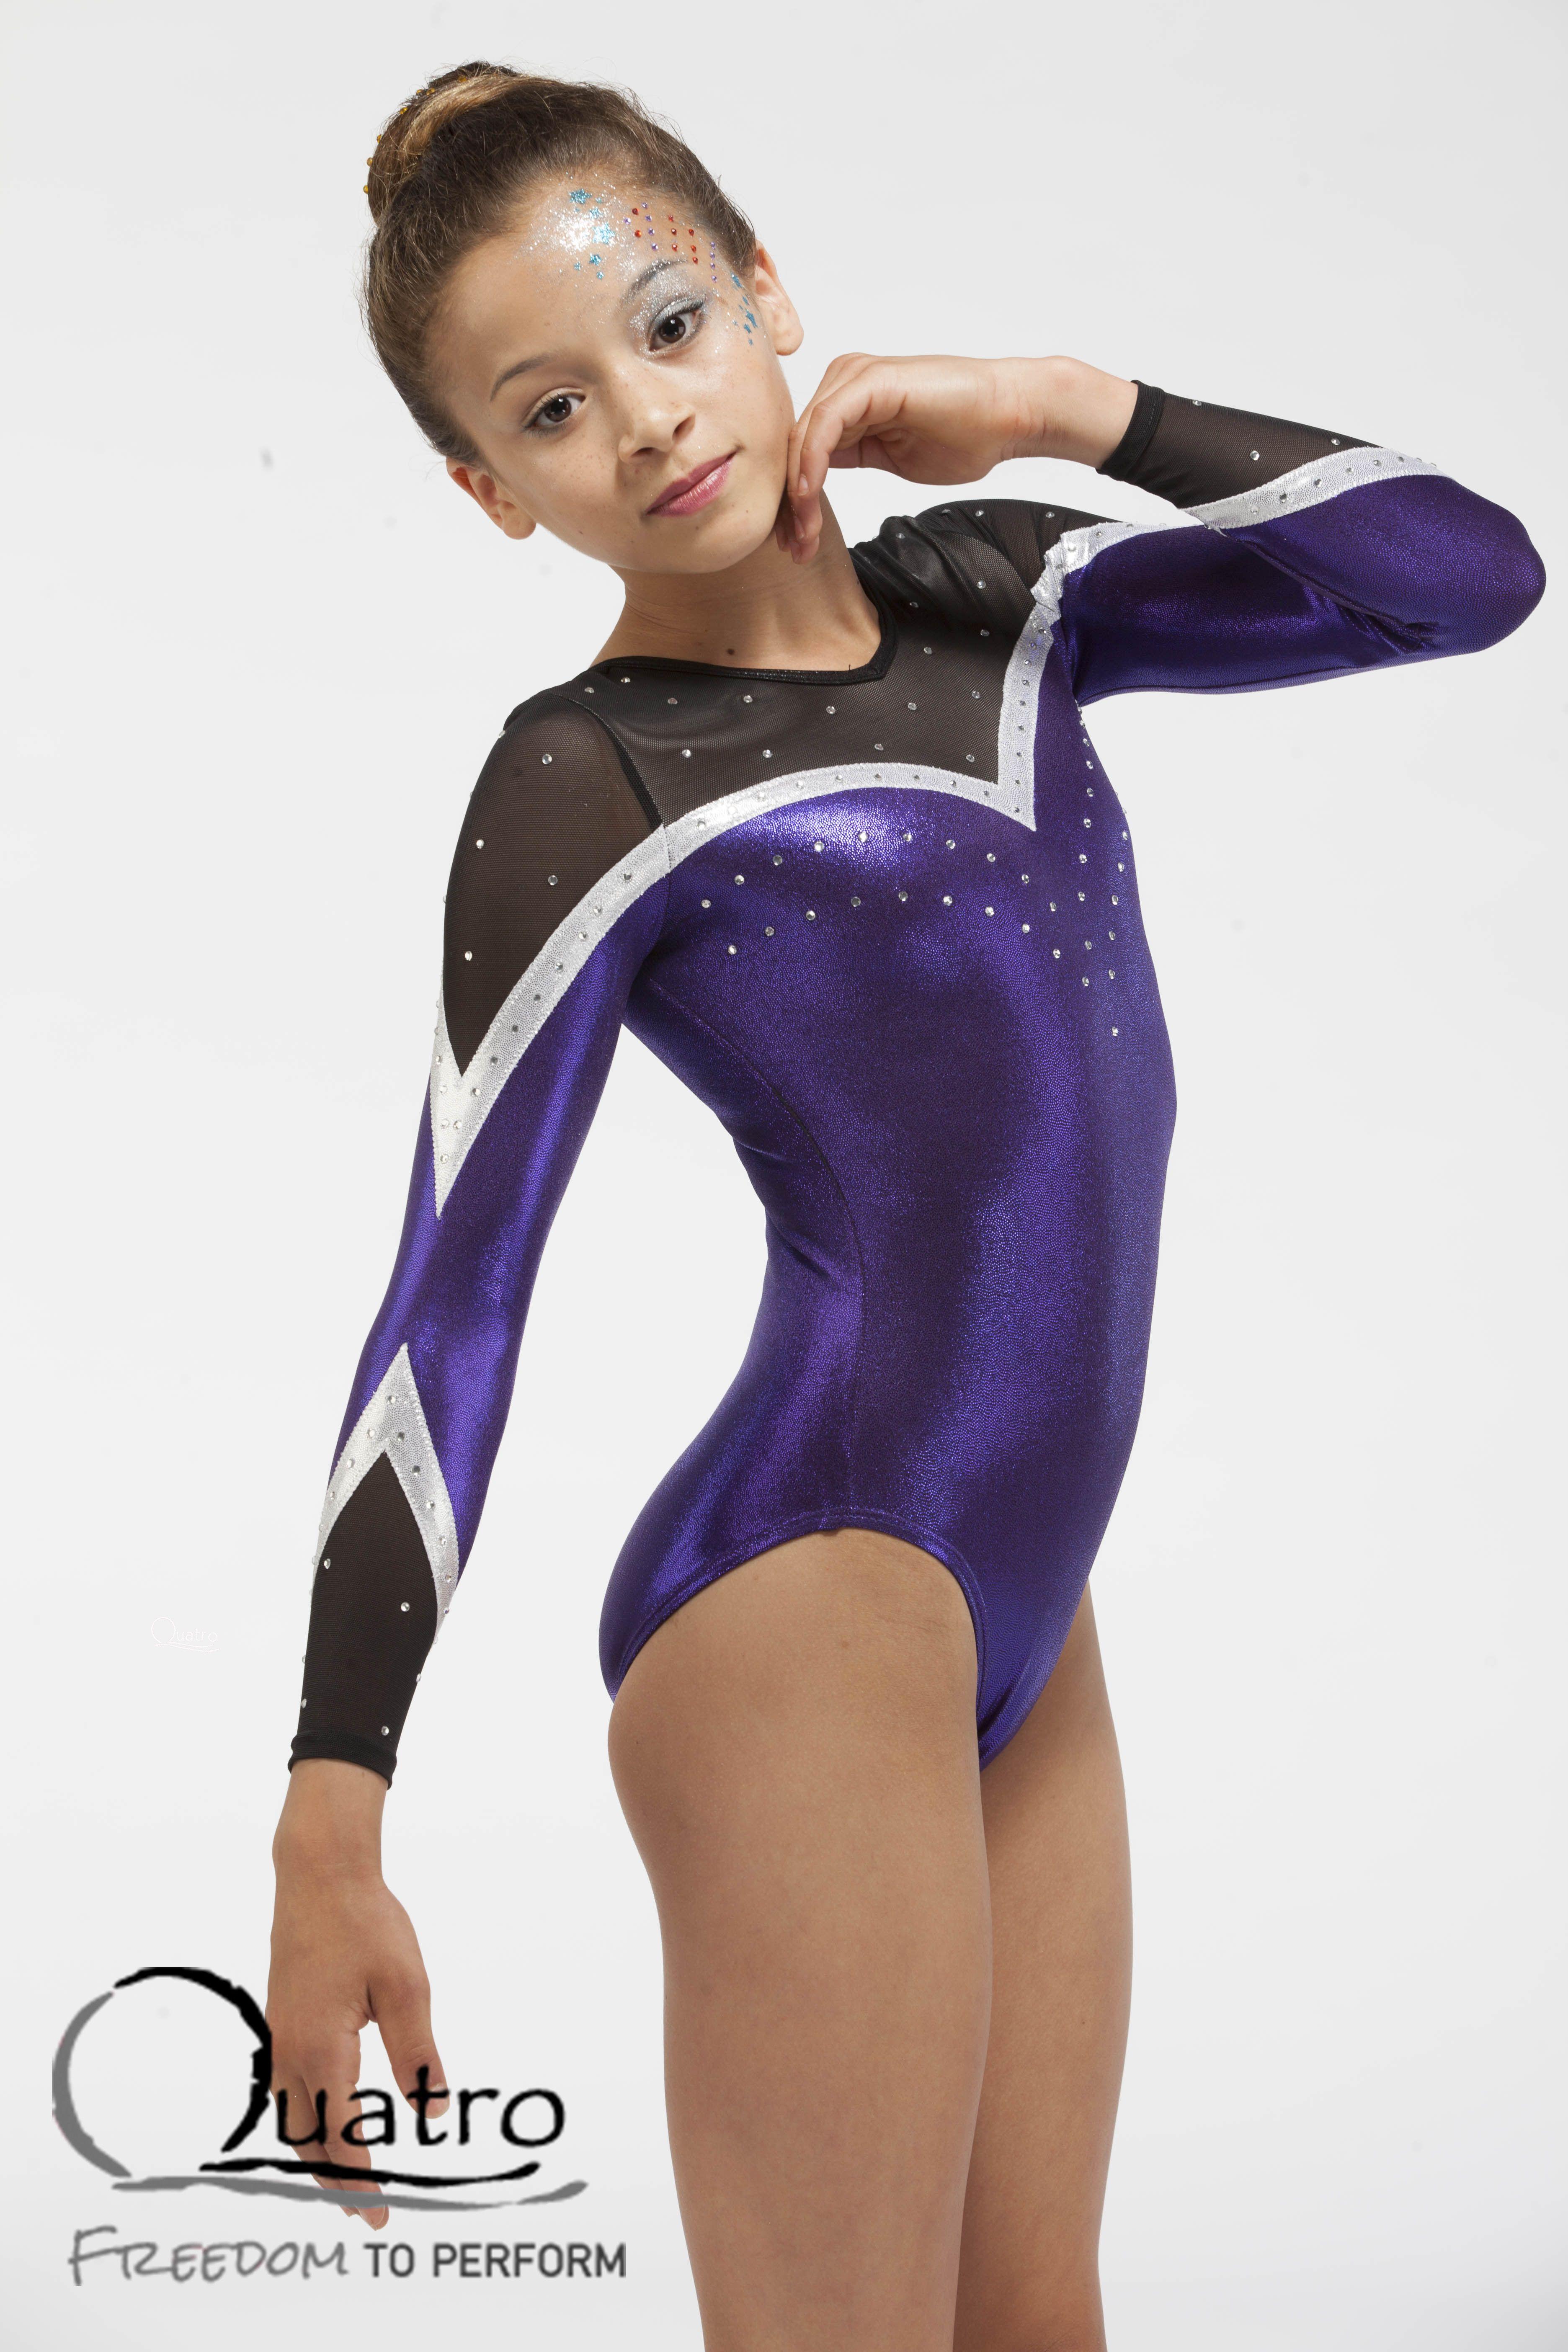 women college gymnasts in leotards